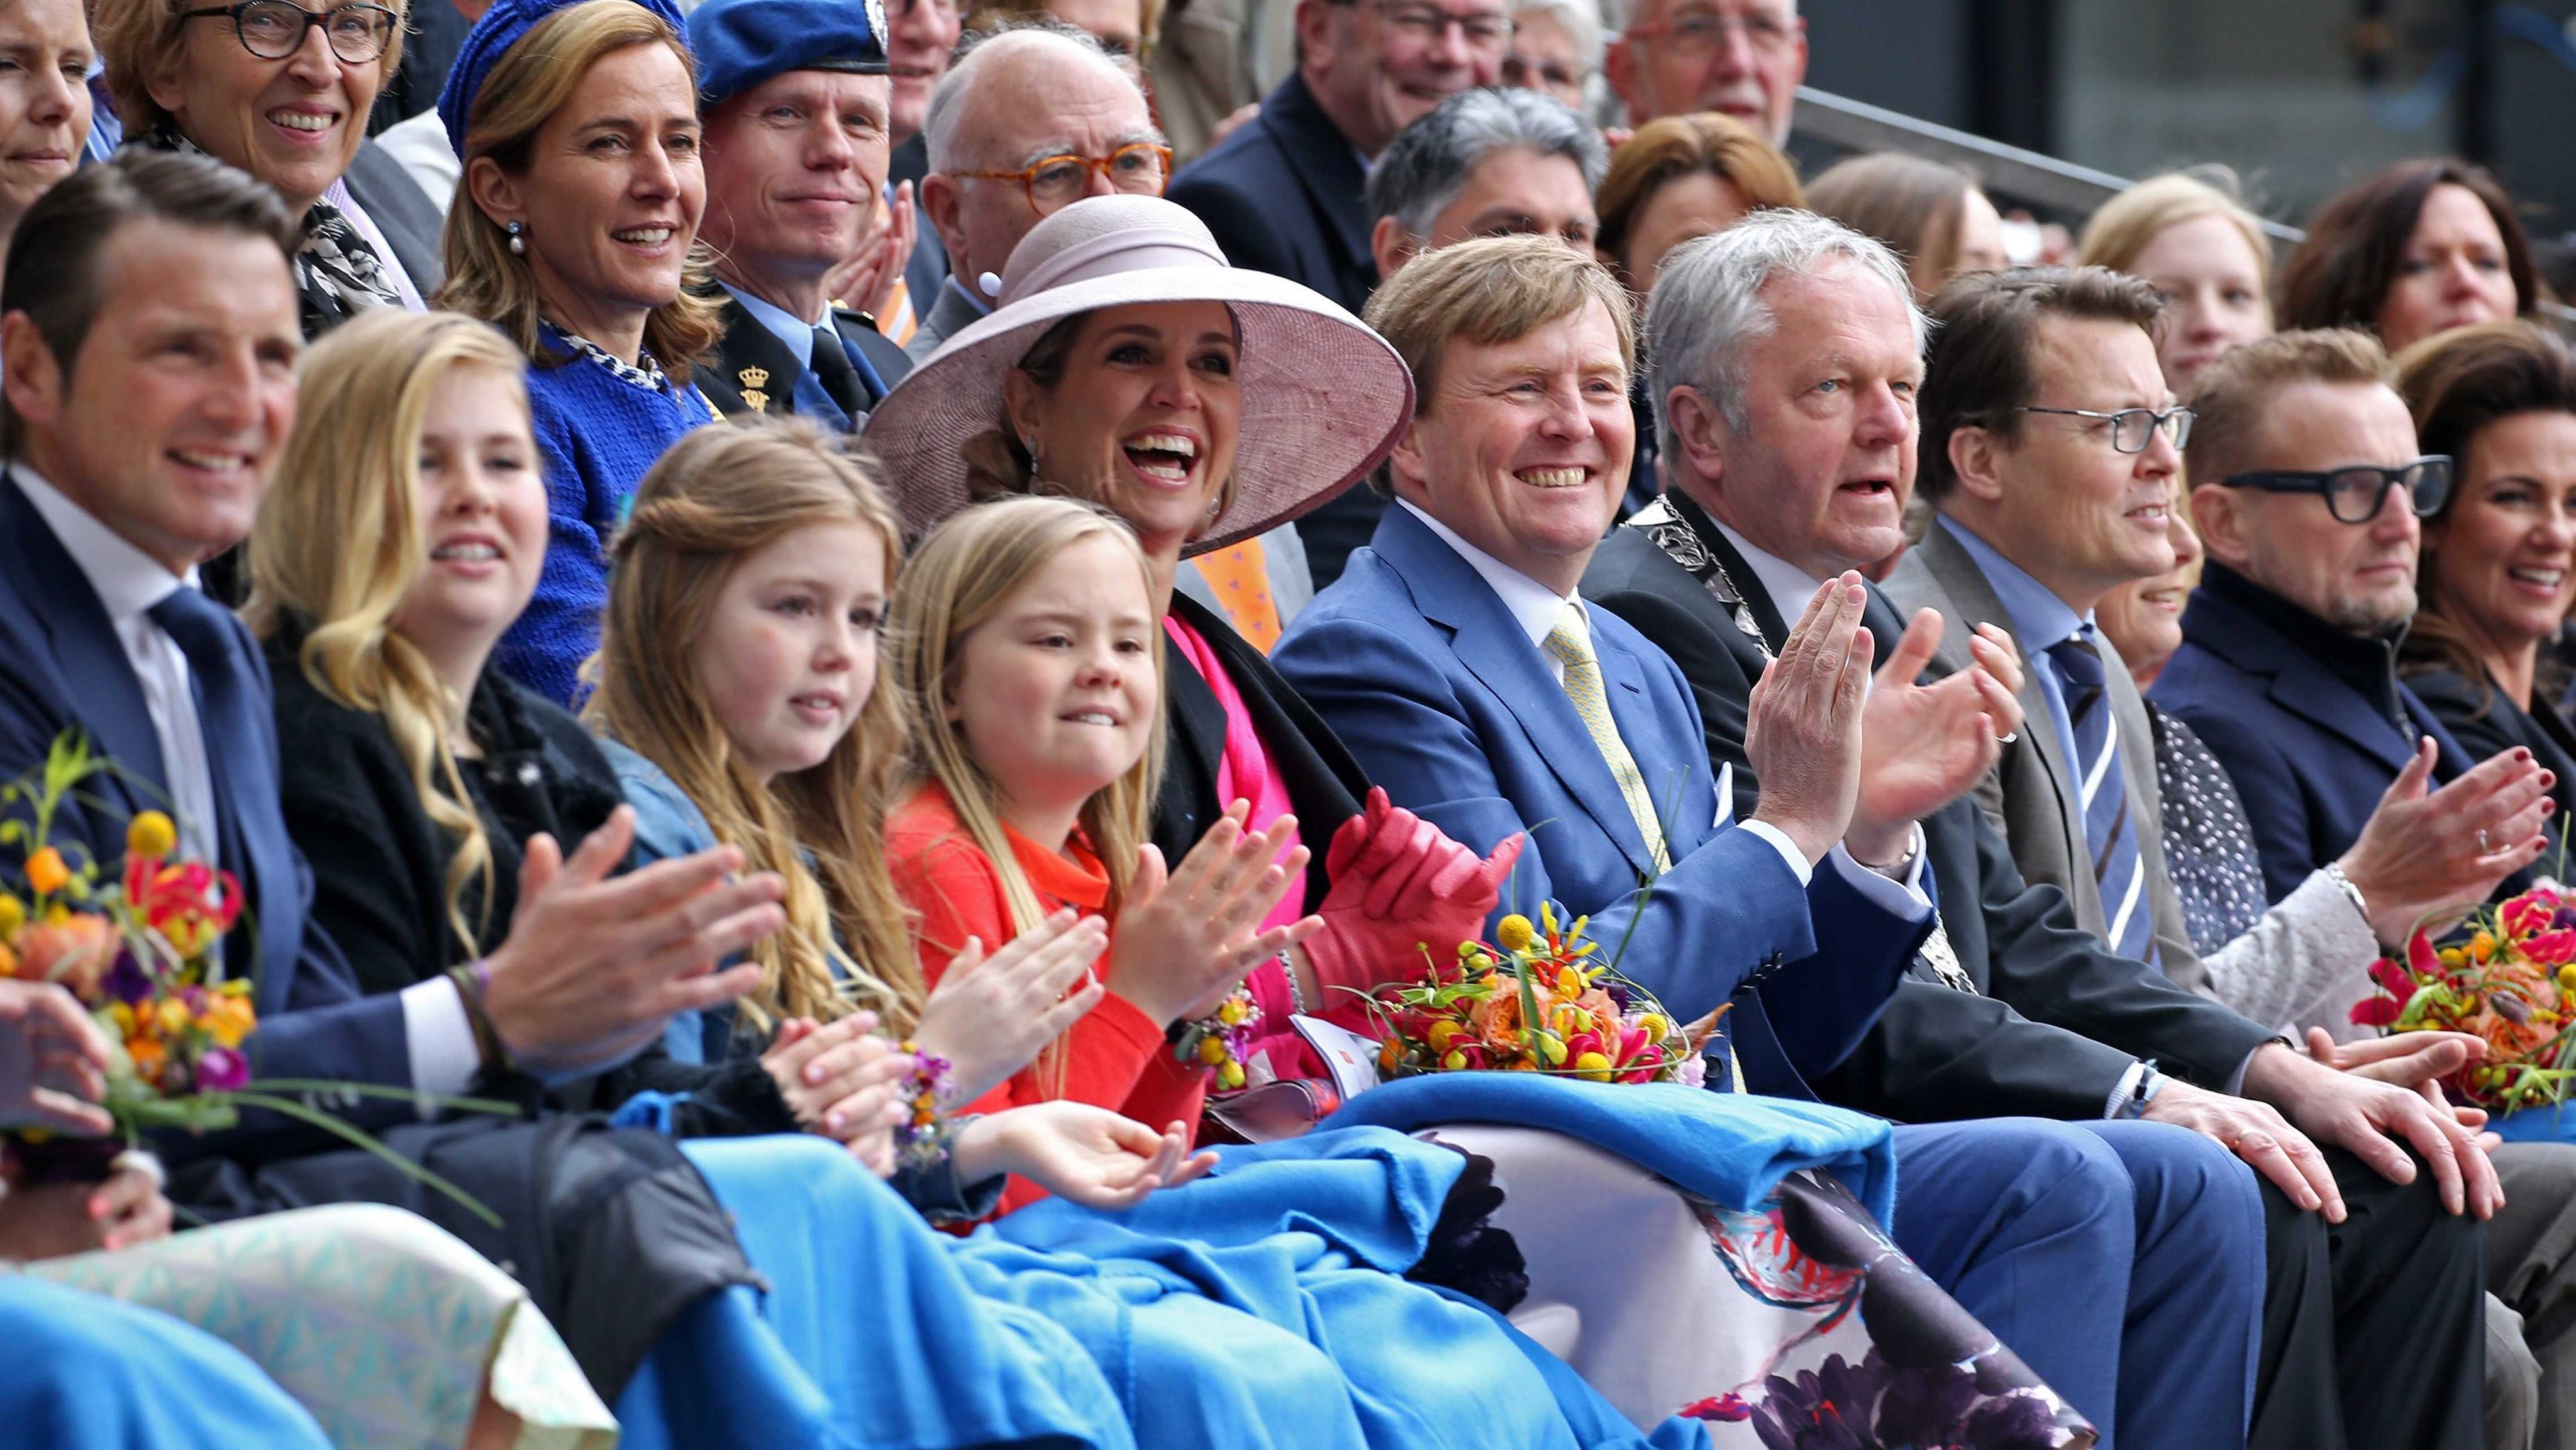 Burgemeester Meijer blikt voldaan en met goed gevoel terug op ...